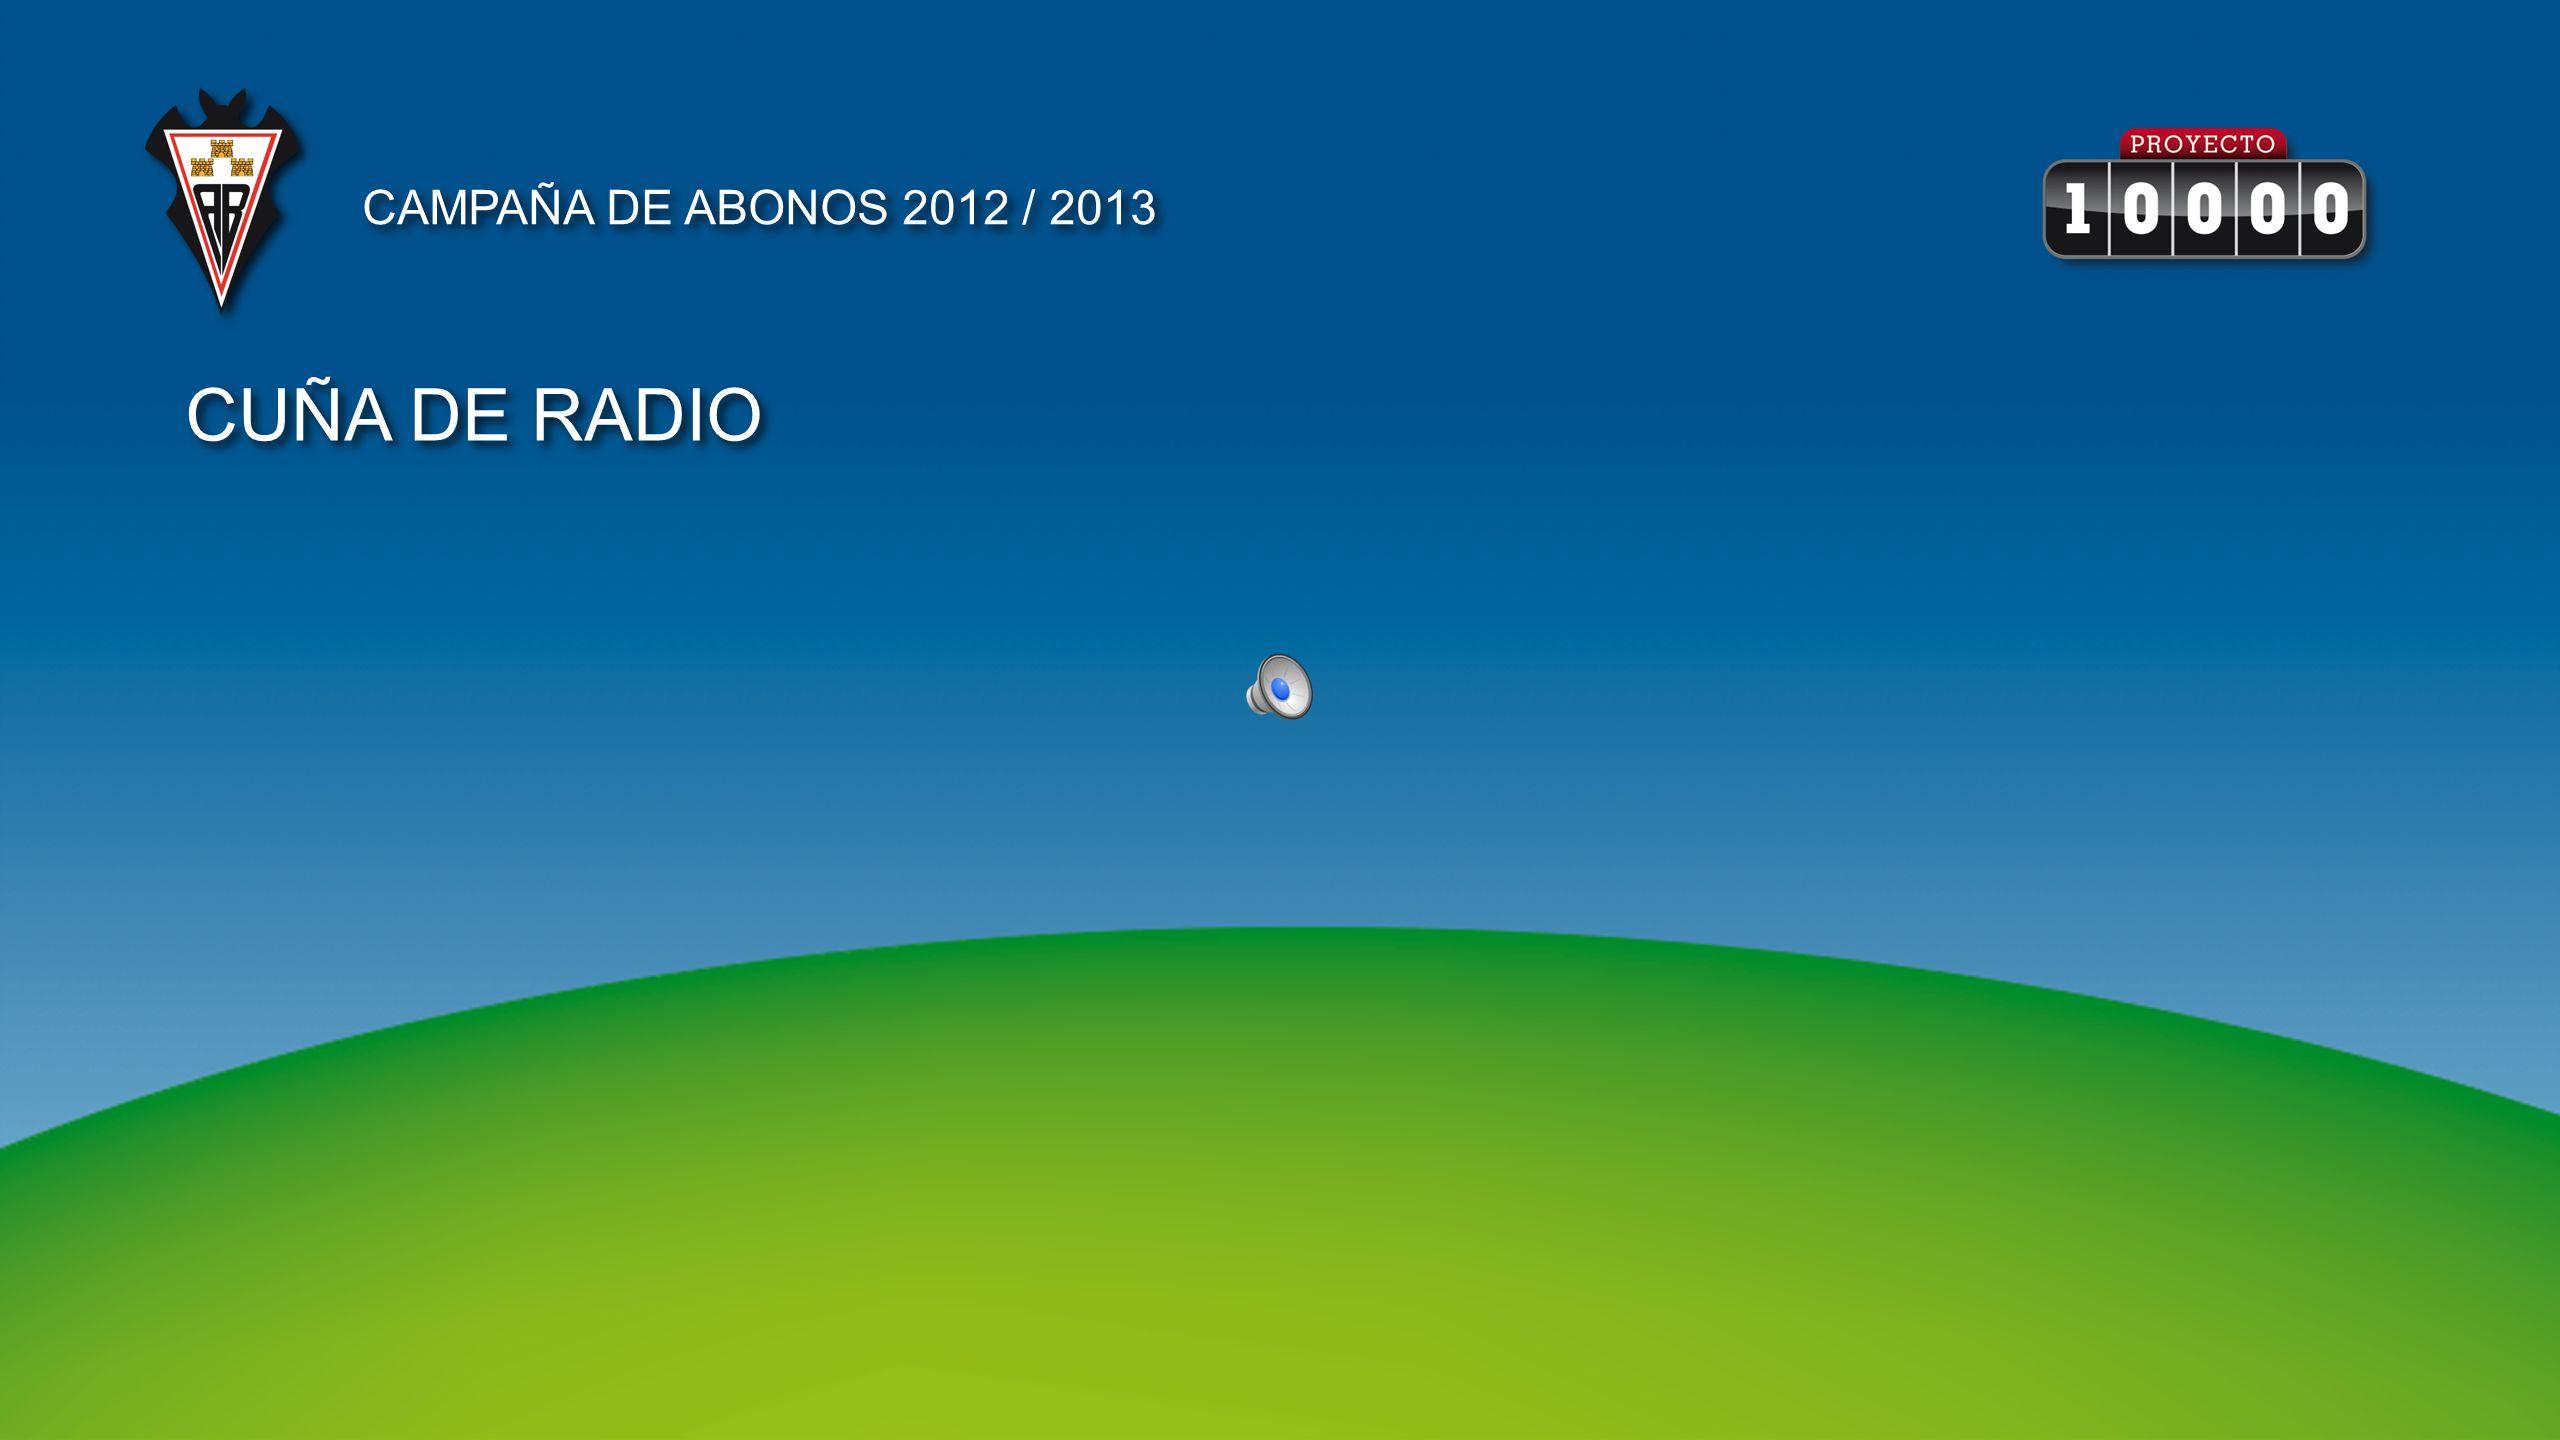 CAMPAÑA DE ABONOS 2012 / 2013 CUÑA DE RADIO